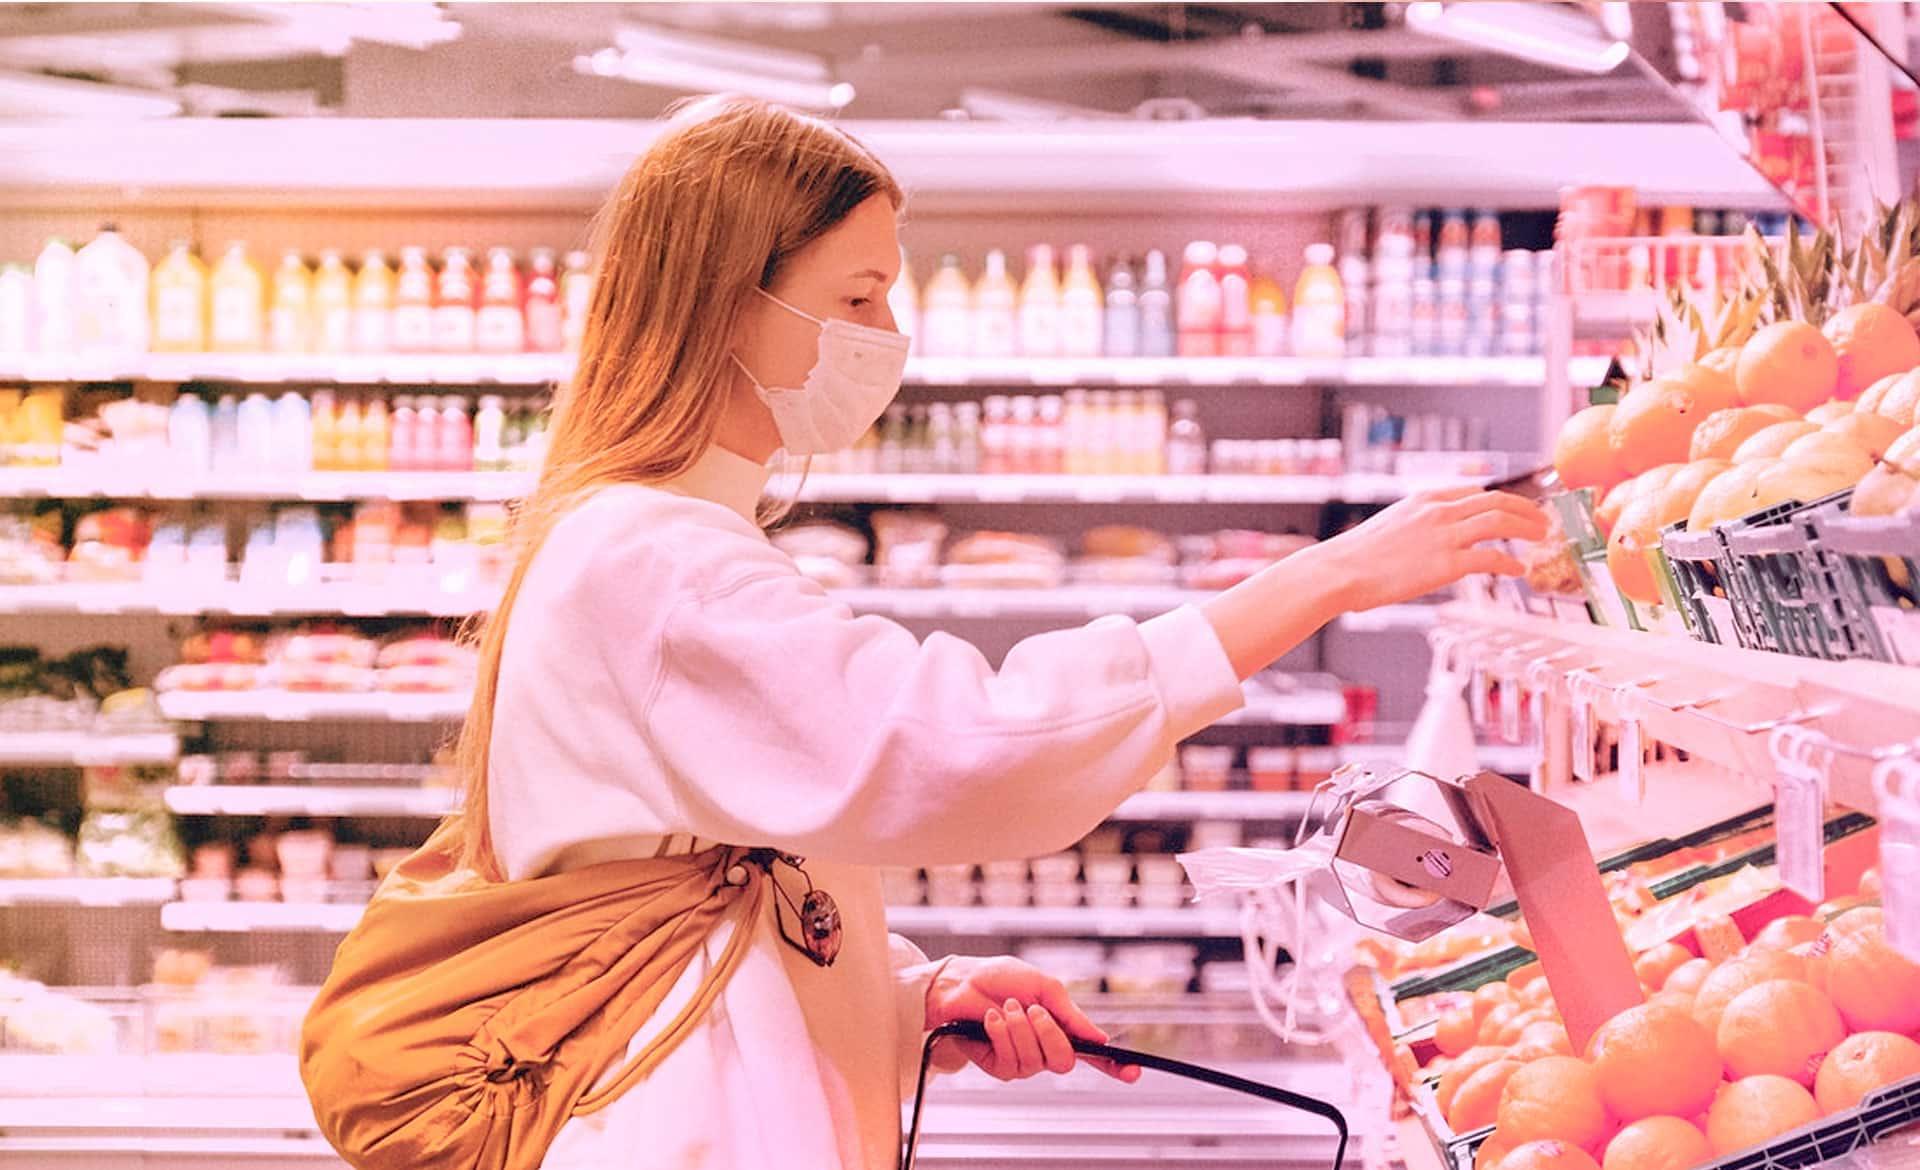 Higiene e Segurança alimentar em tempos de pandemia